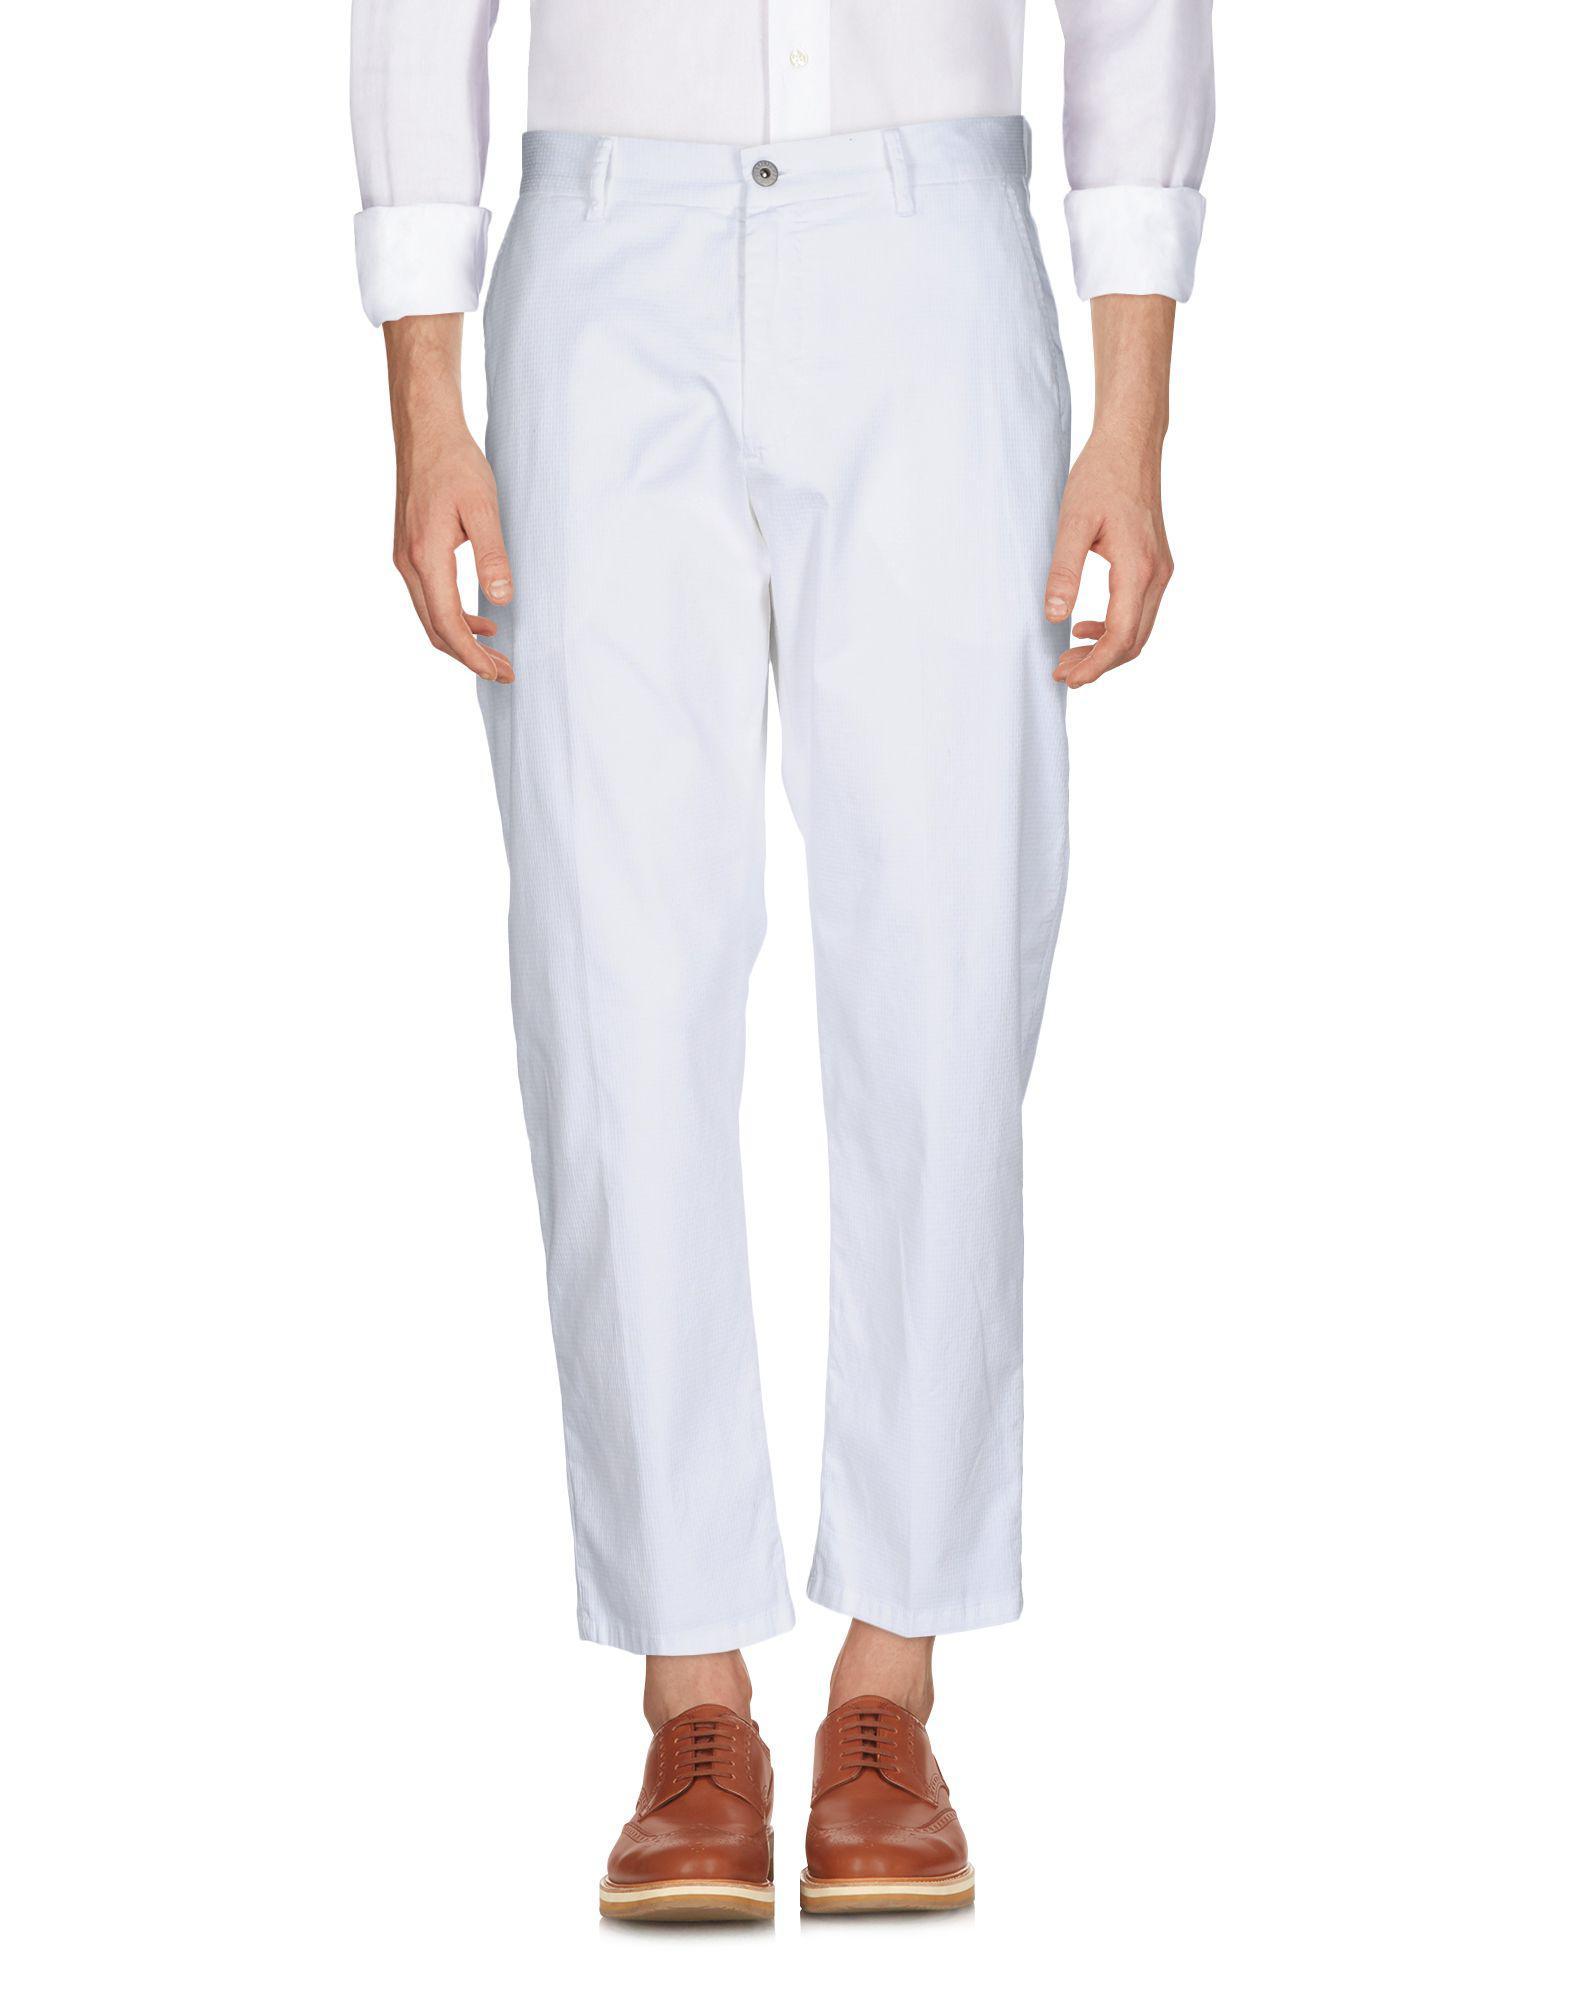 Pantalon - Pantalon Décontracté Scaglione j3vgfCm3h1